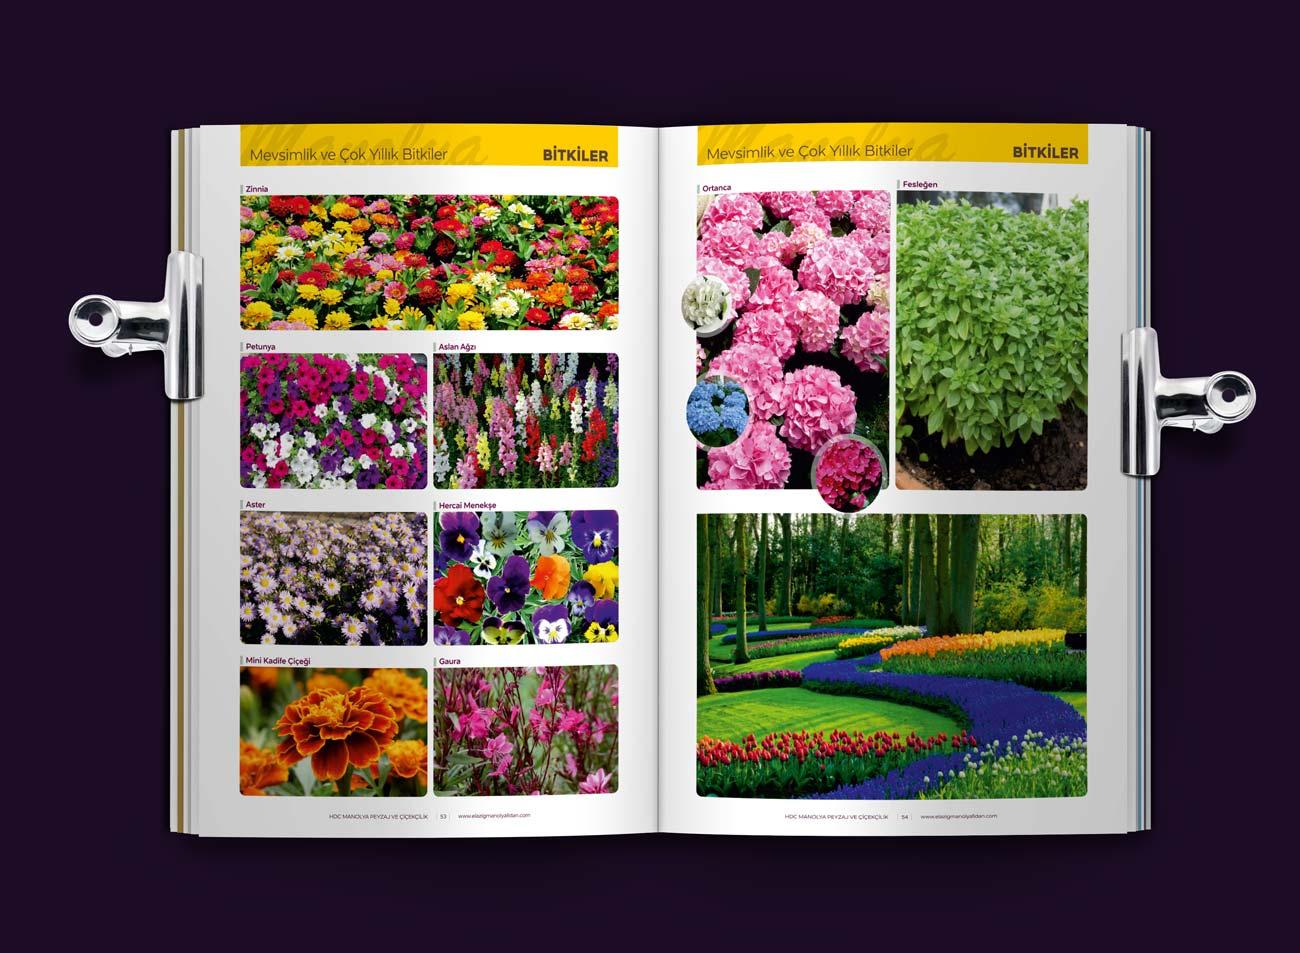 manolya cicekcilik katalog ic sayfa